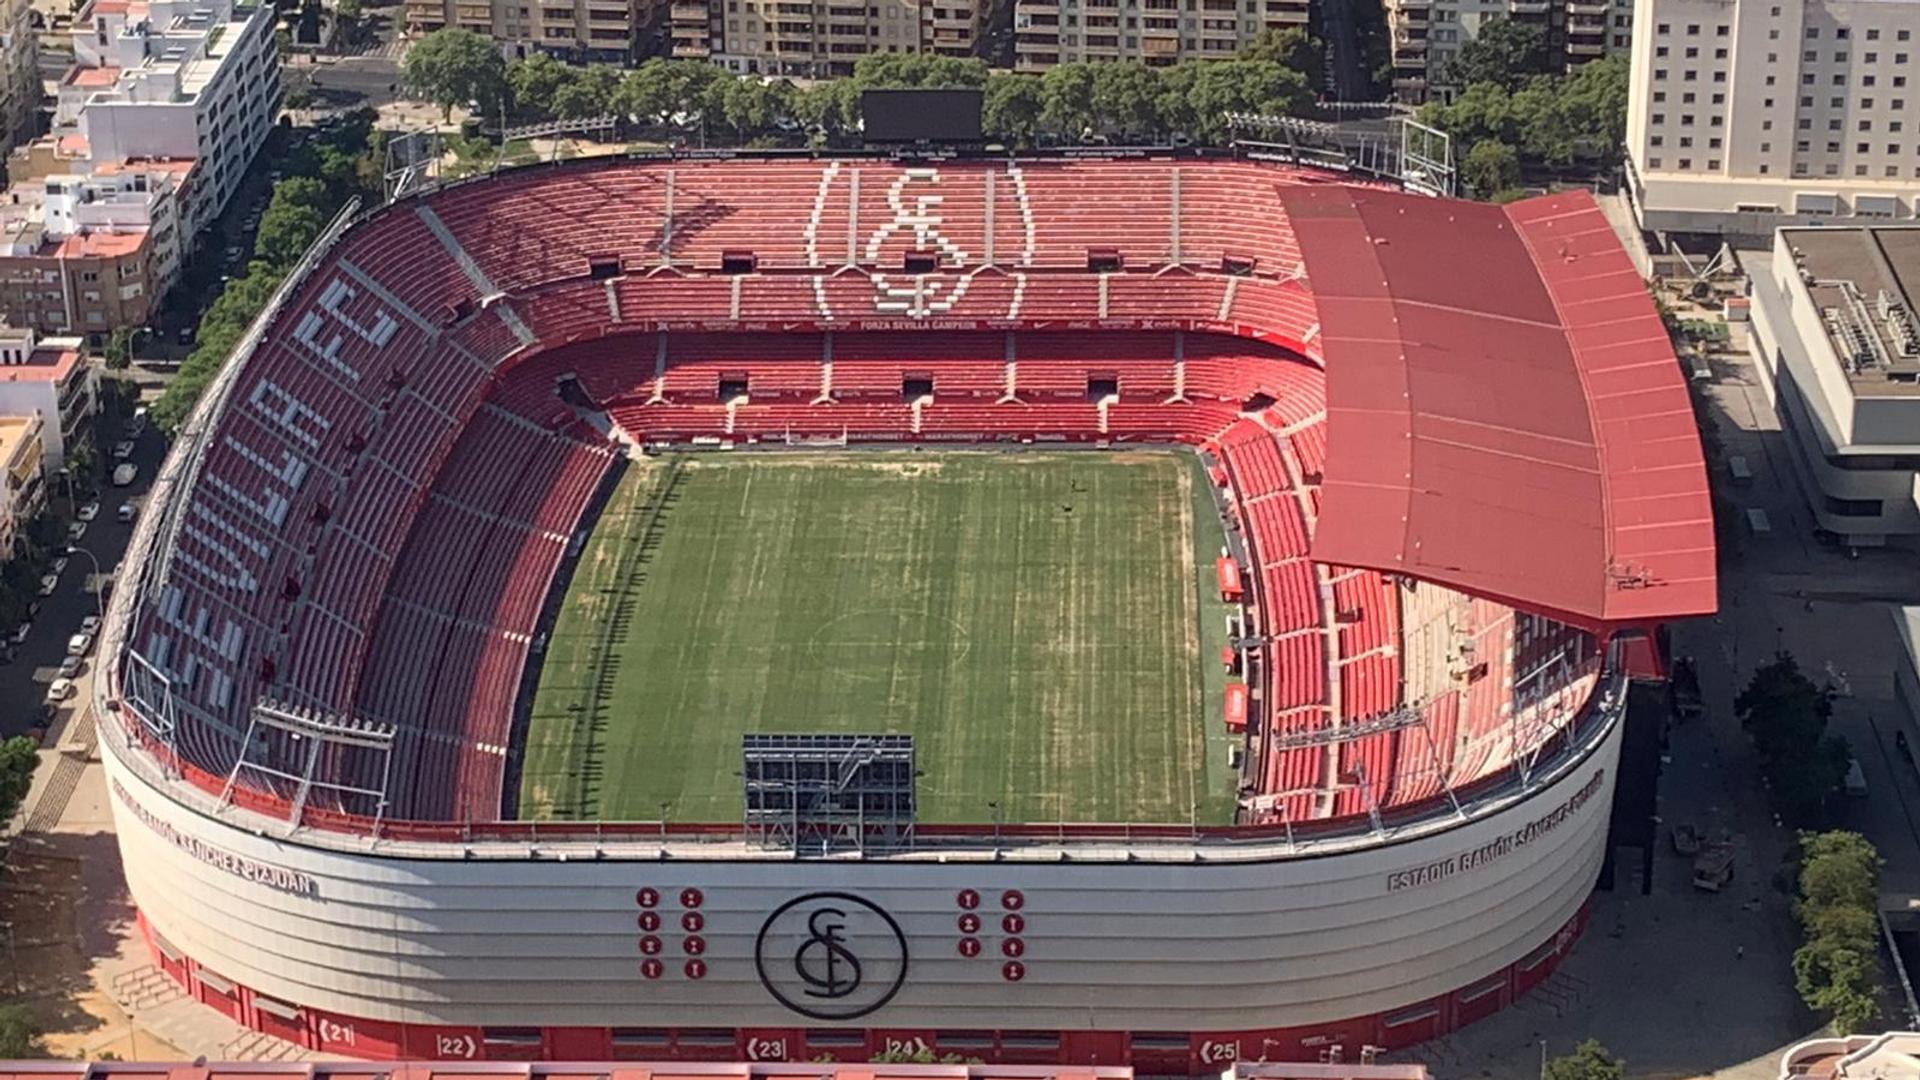 Футбольный стадион Рамон Санчес Писхуан в Севилье - РИА Новости, 1920, 16.04.2021